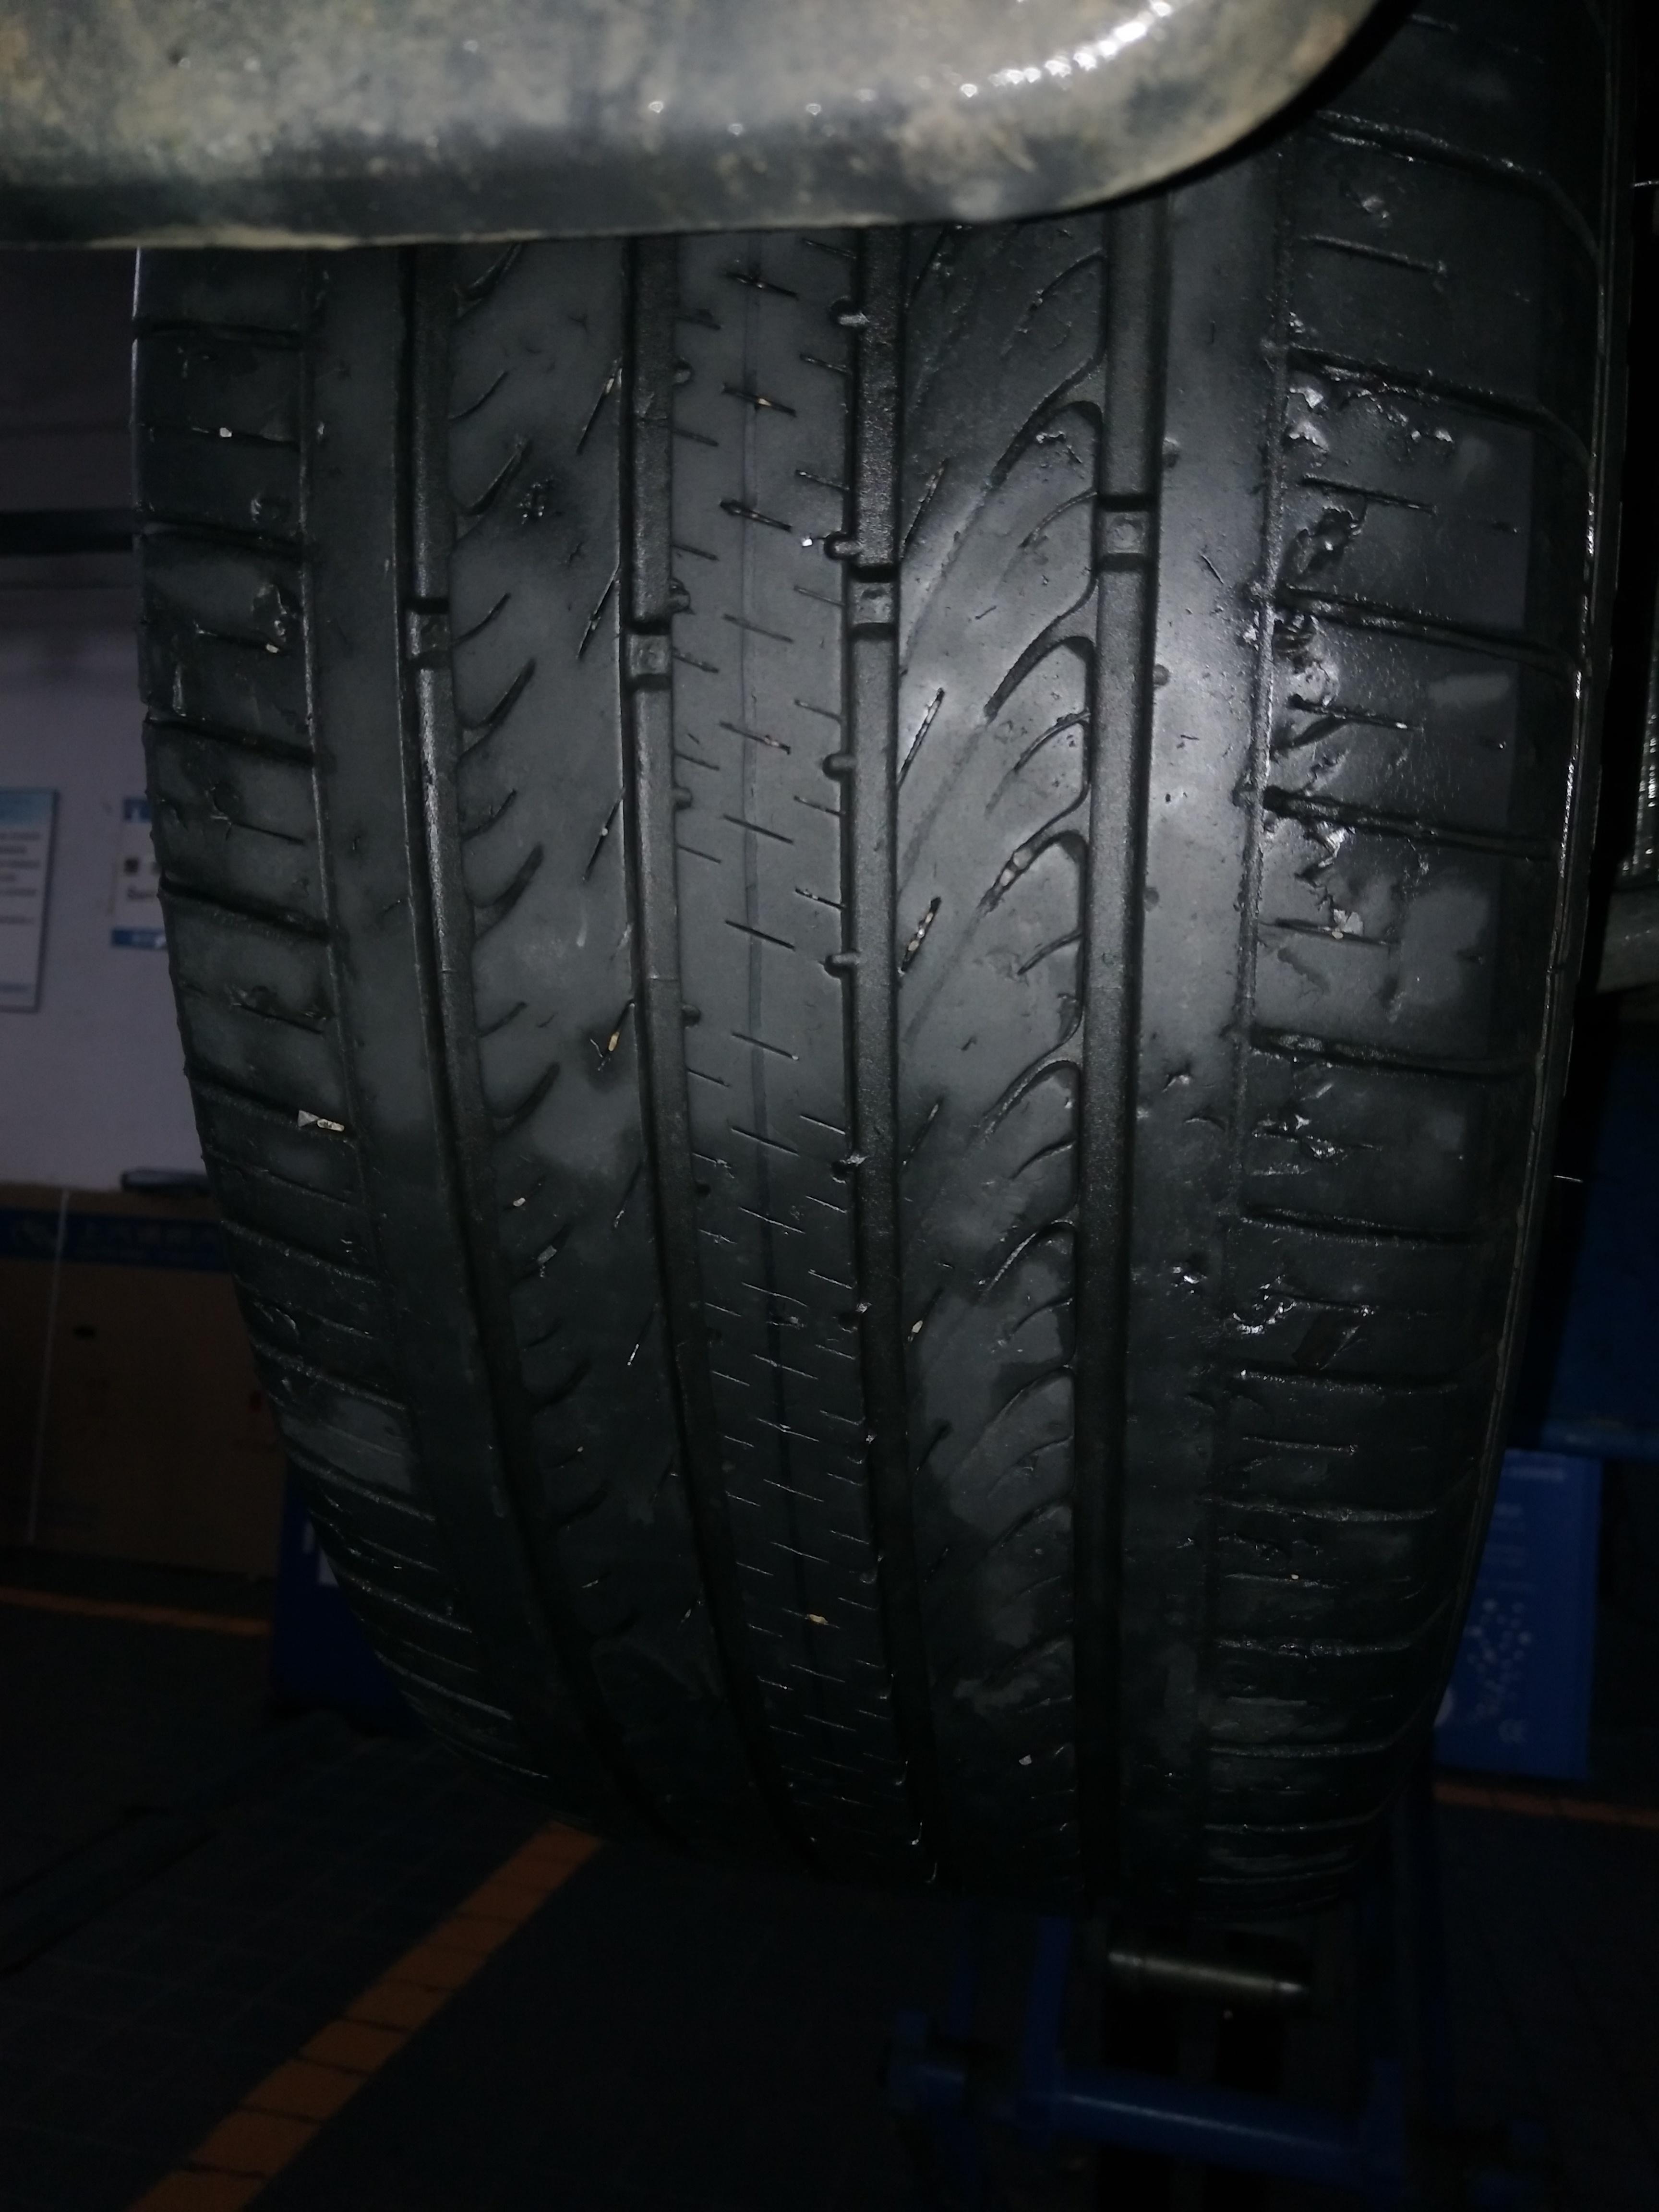 上汽通用-英朗 轮胎磨损异常,大面积掉皮